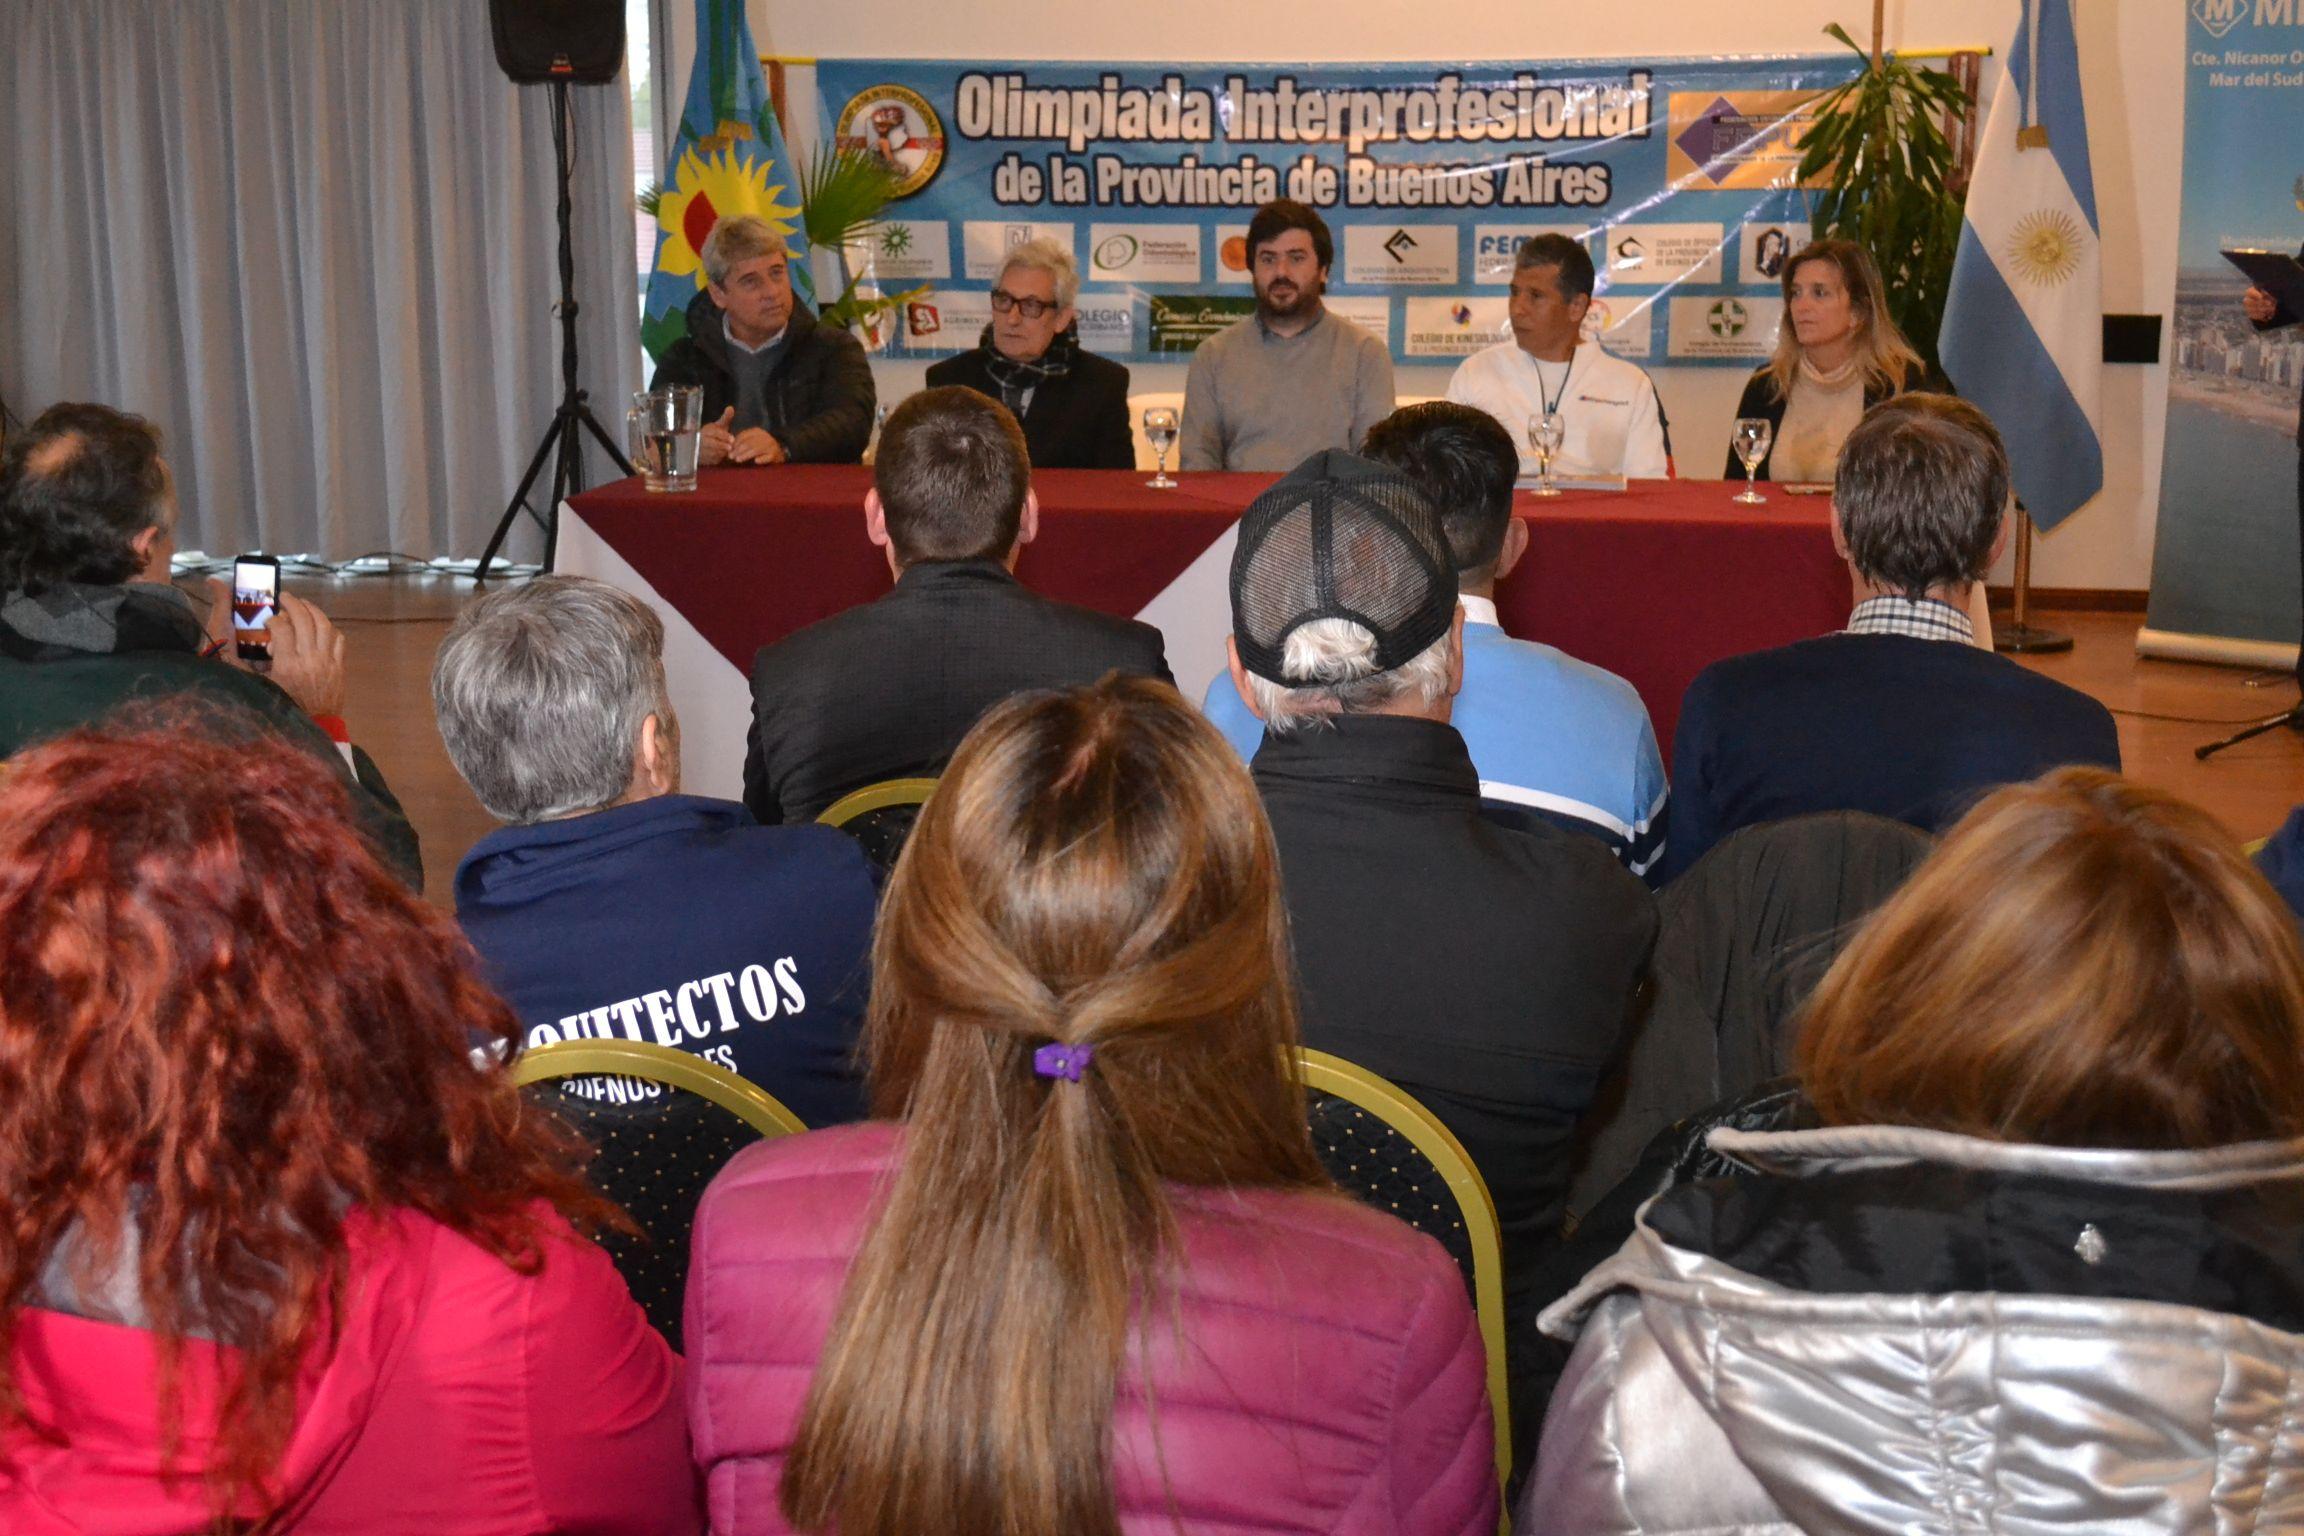 XV Olimpiadas Interprofesionales de la Provincia de Buenos Aires